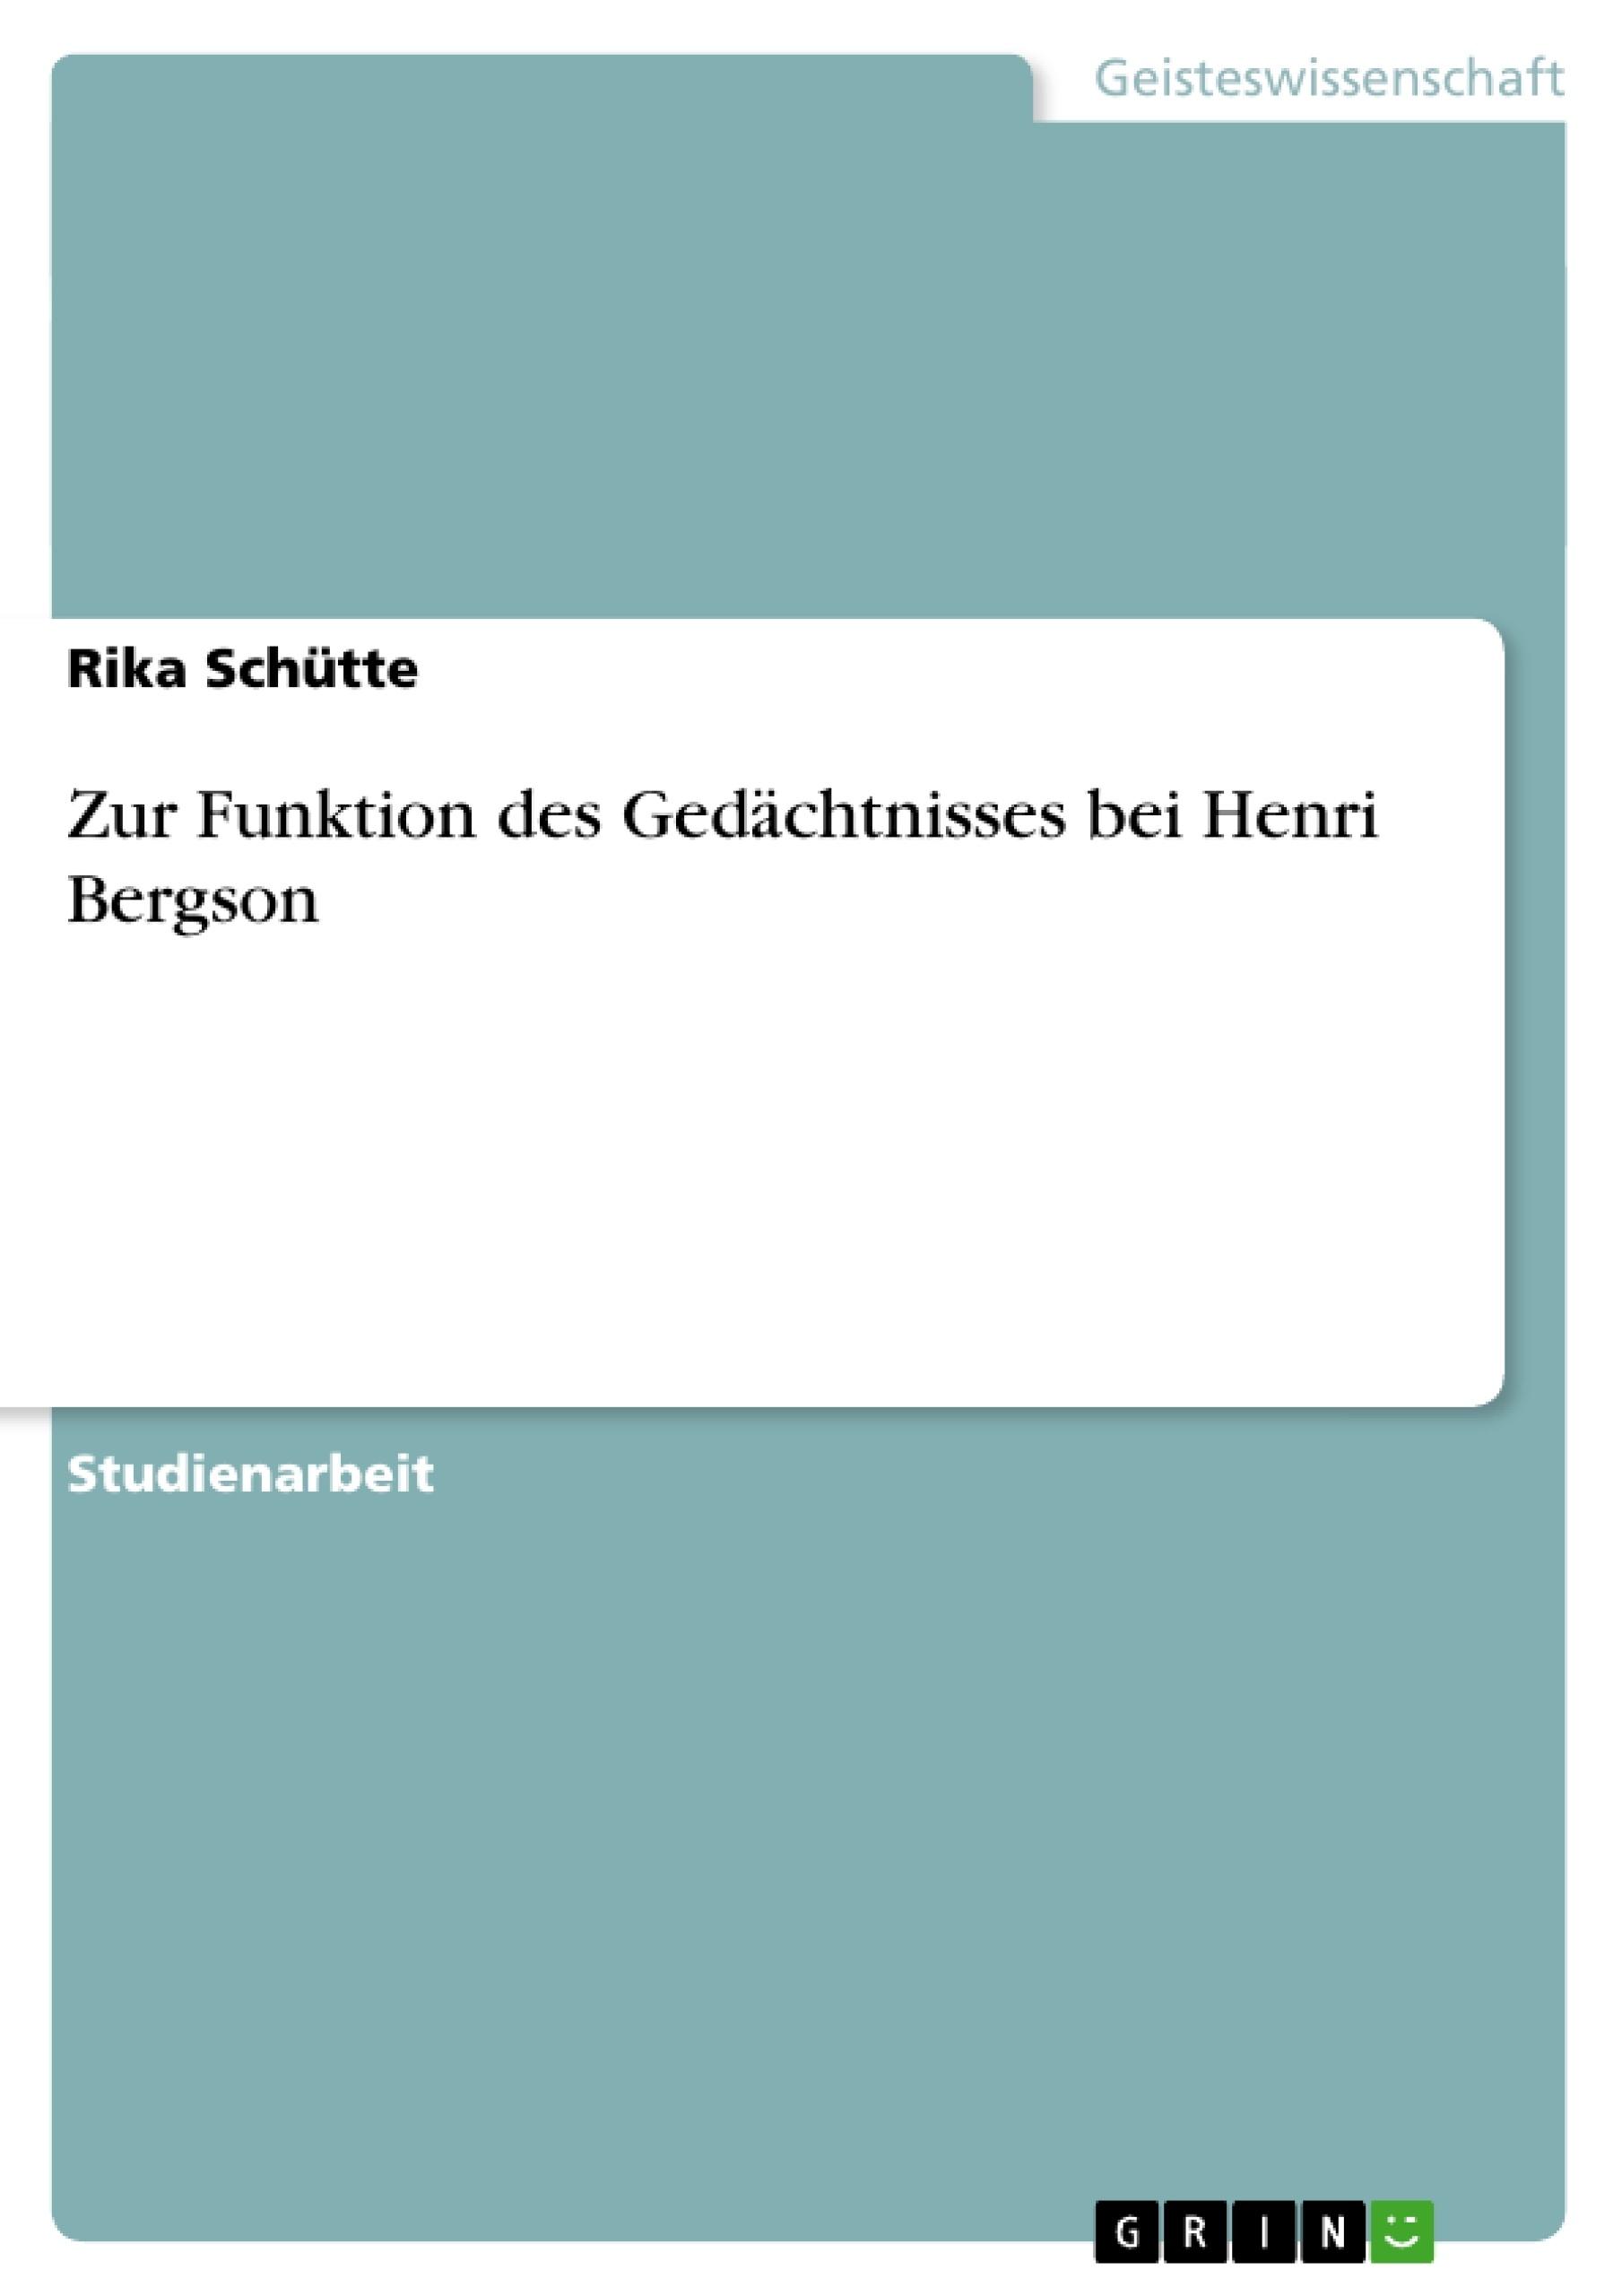 Titel: Zur Funktion des Gedächtnisses bei Henri Bergson